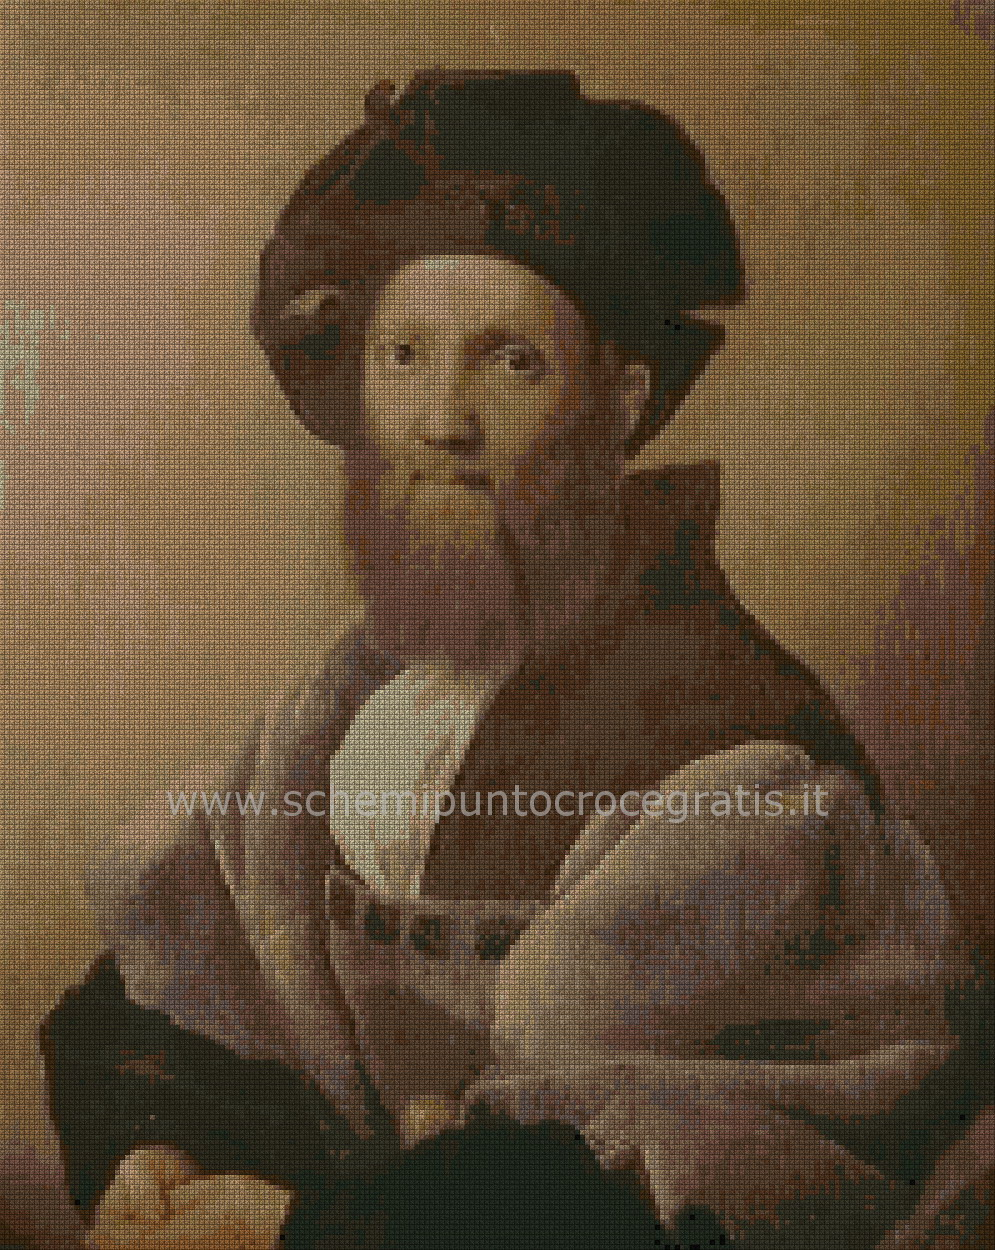 pittori_classici/raffaello/Raffaello14s.jpg